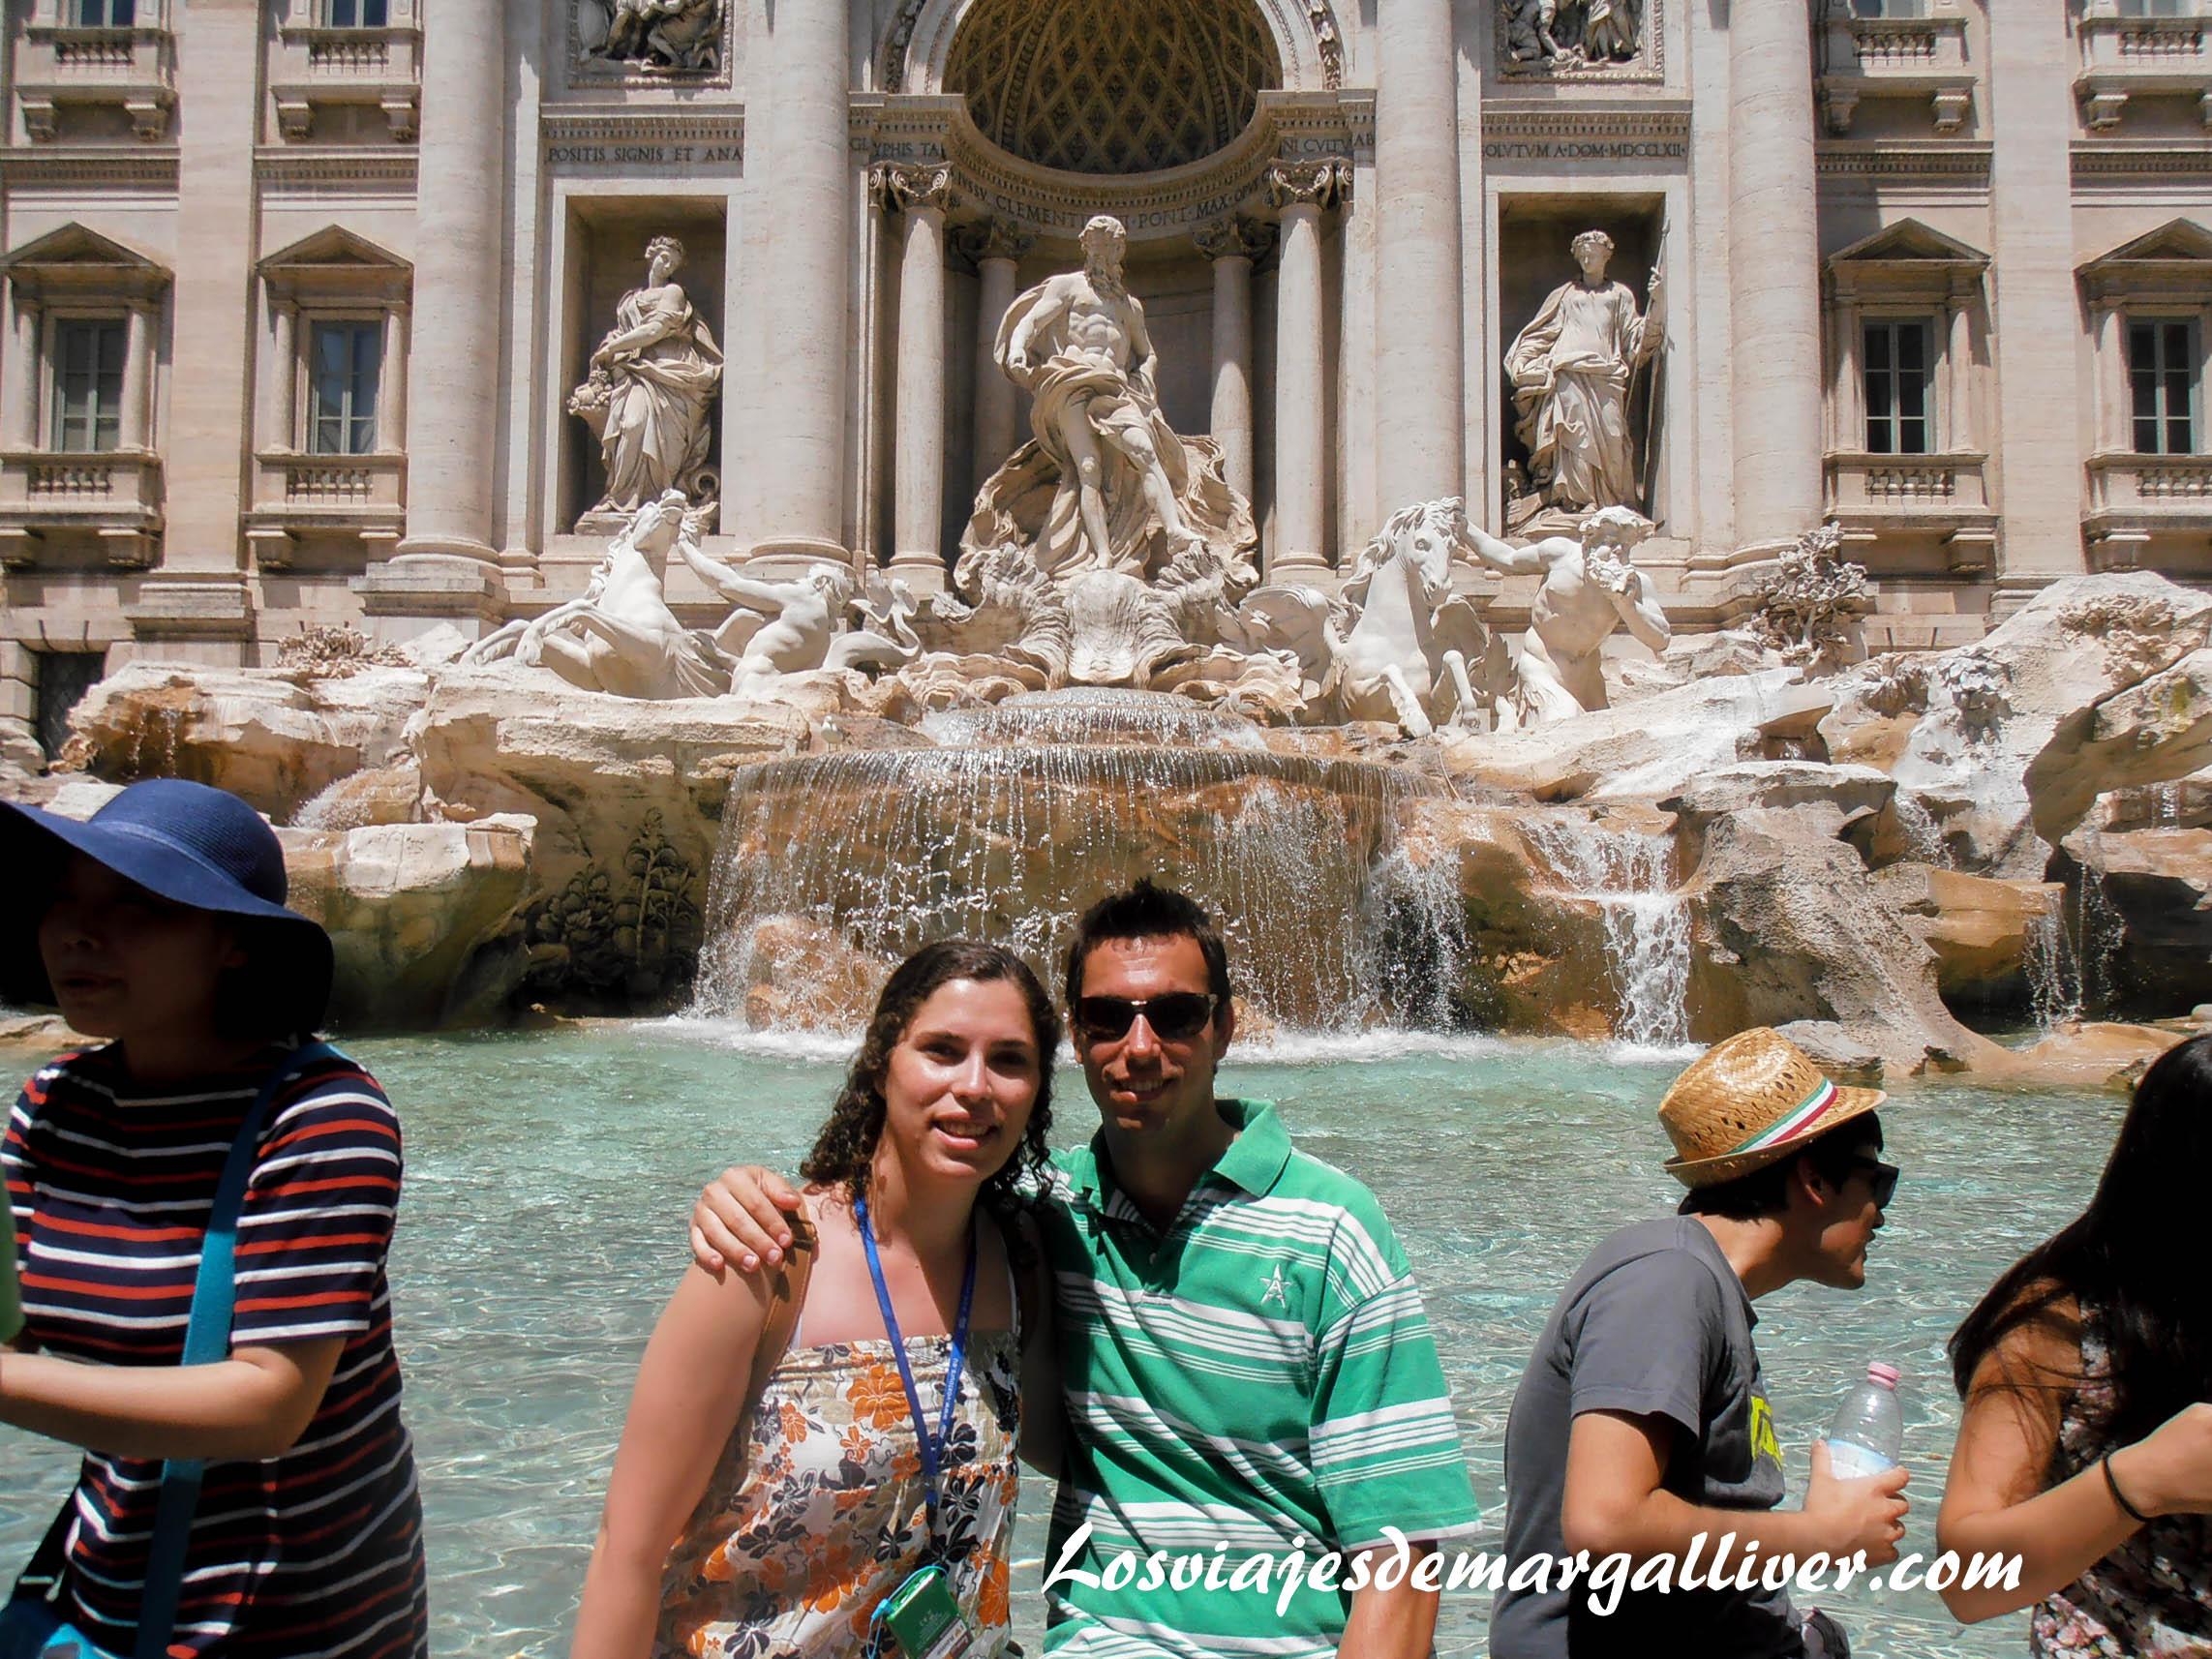 En la fontana di trevi de Roma, 7 viajes románticos para San Valentín - Los viajes de Margalliver